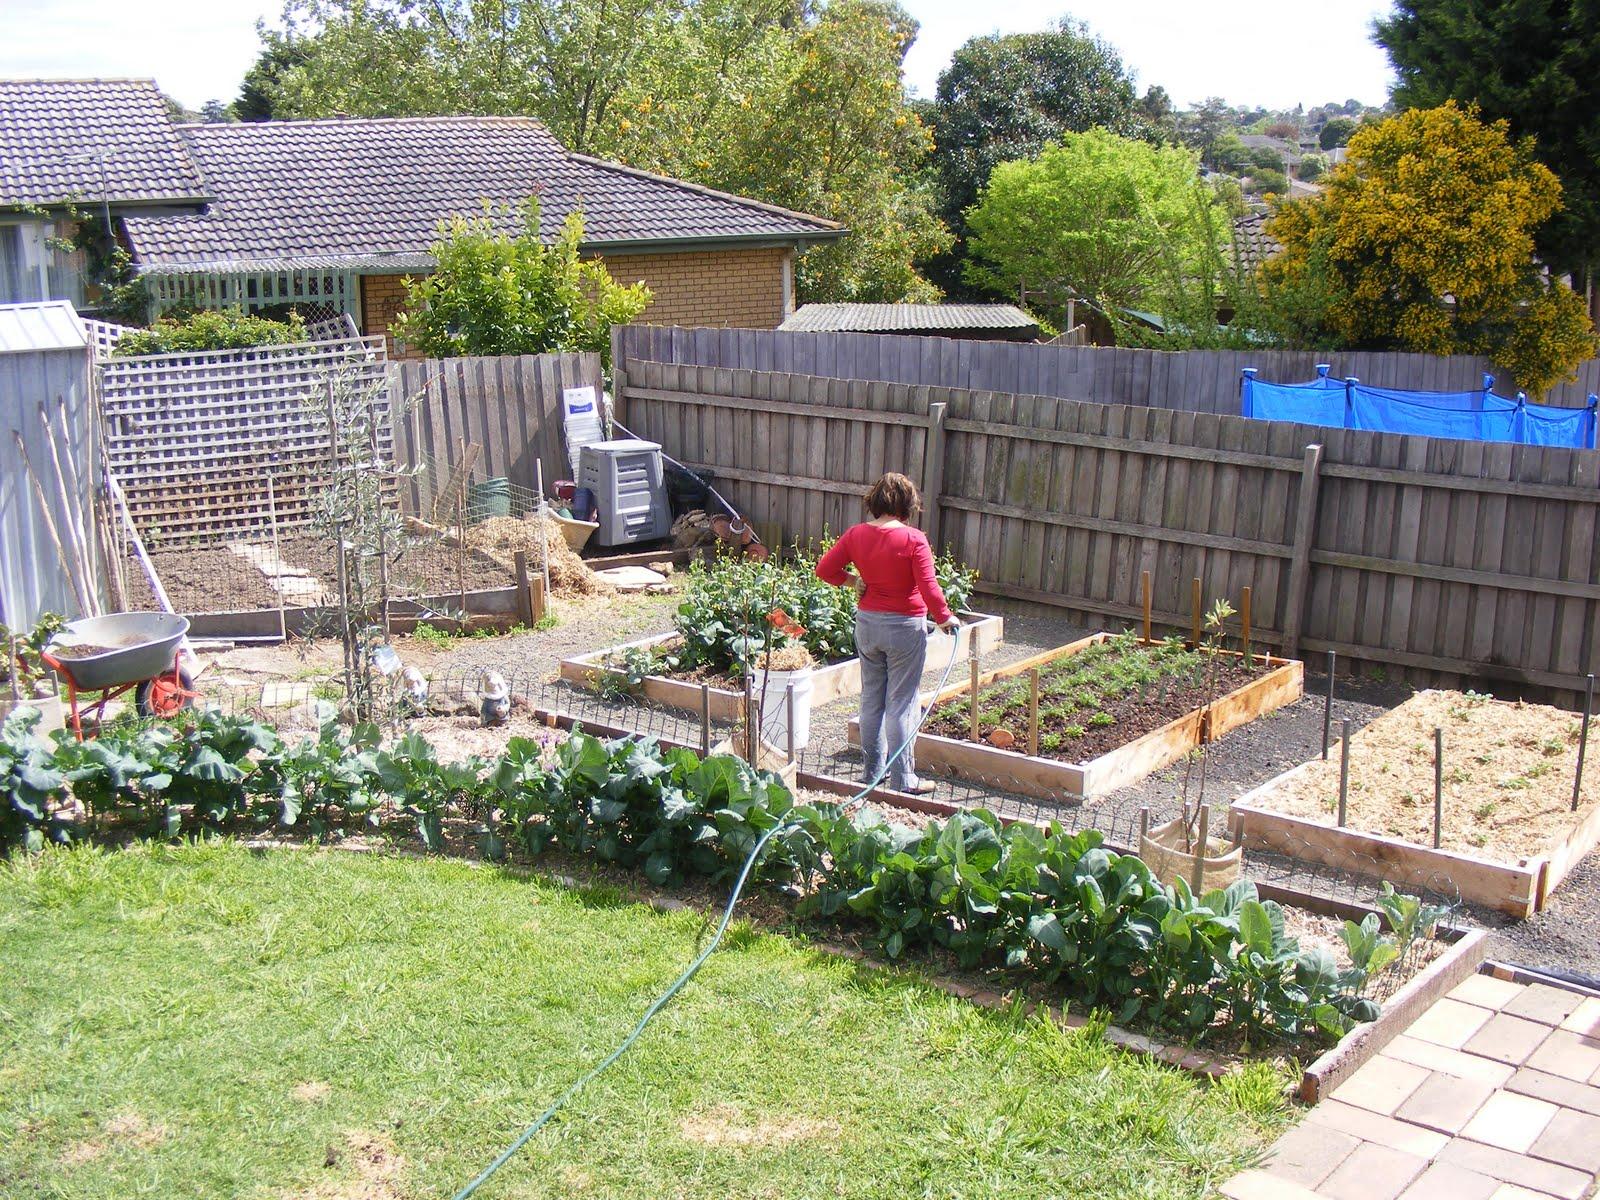 Backyard Self-Sufficiency: 7. Organic Plant Maintenance